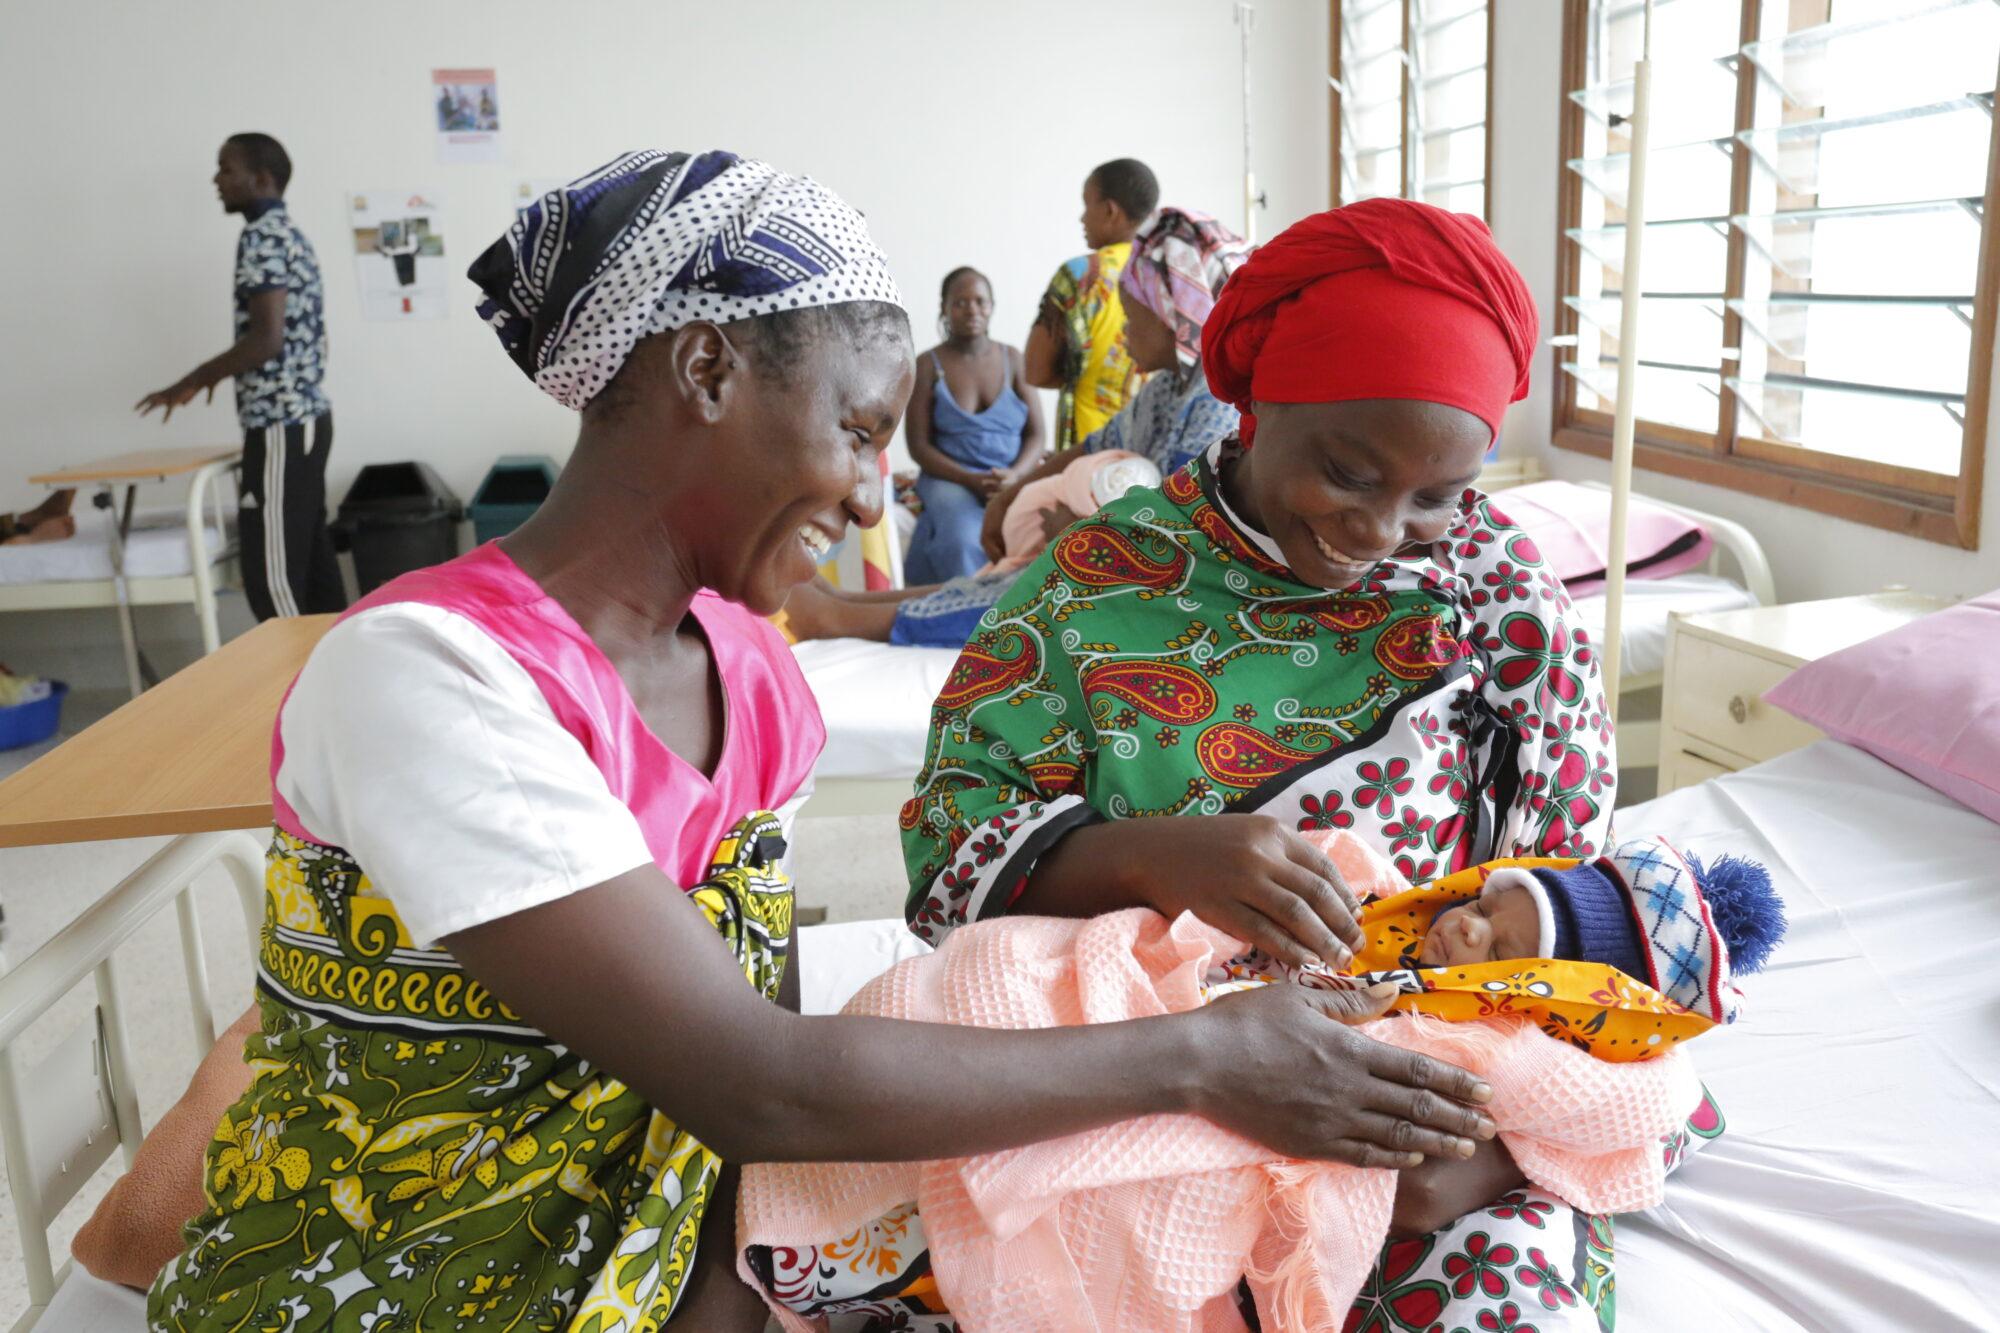 Kaksi naista istuu sairaalan pedillä, ja toisella on vastasyntynyt vauva sylissään.